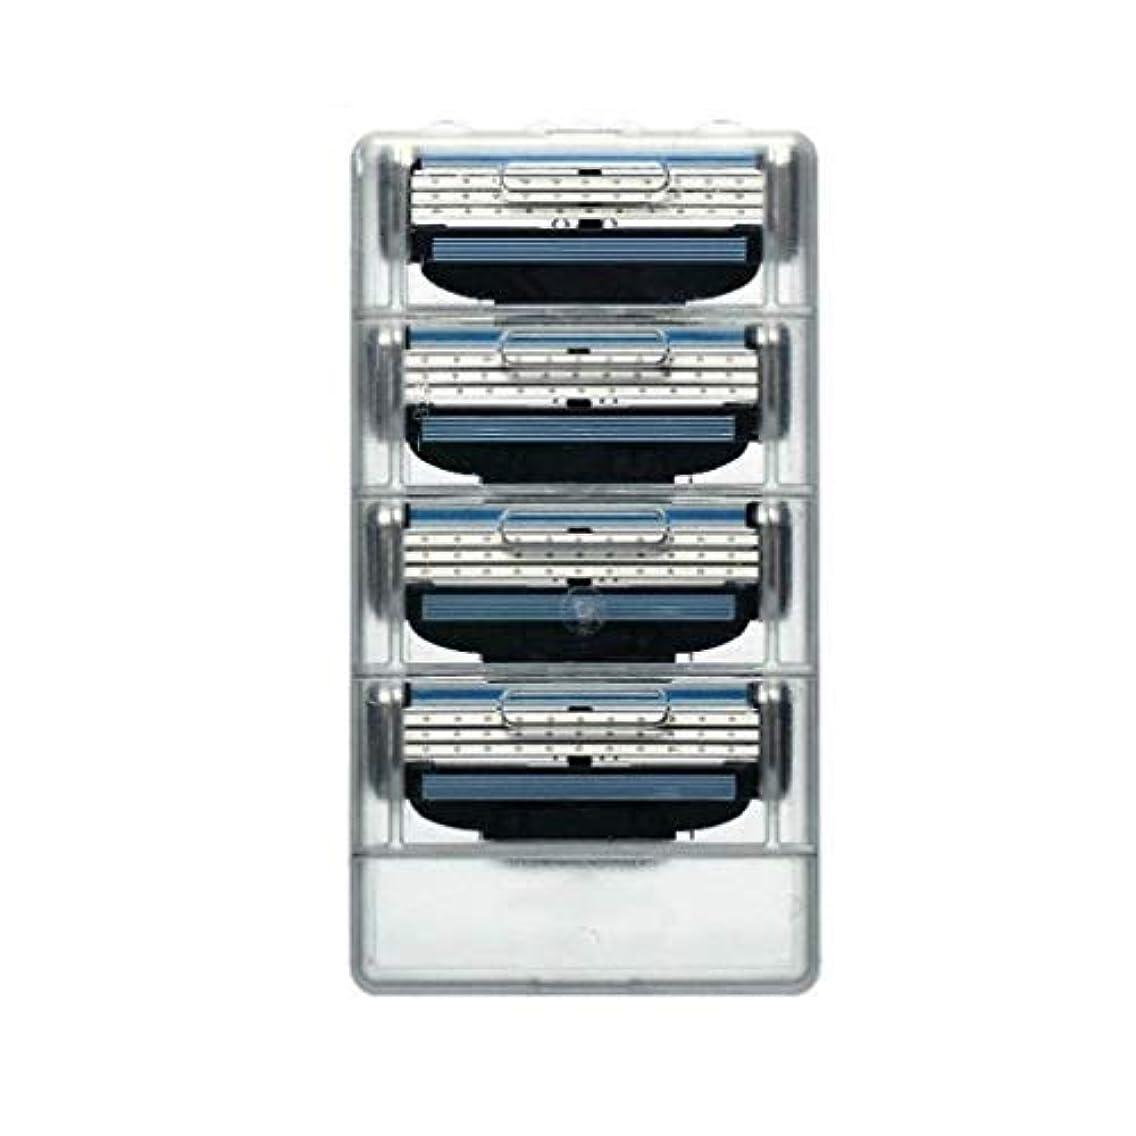 アンプ影響力のある心配する男性のシェービング3Layersブレイドシェービングカセットの交換のための耐久性のある4本/ロットメンズシェービングカミソリ刃